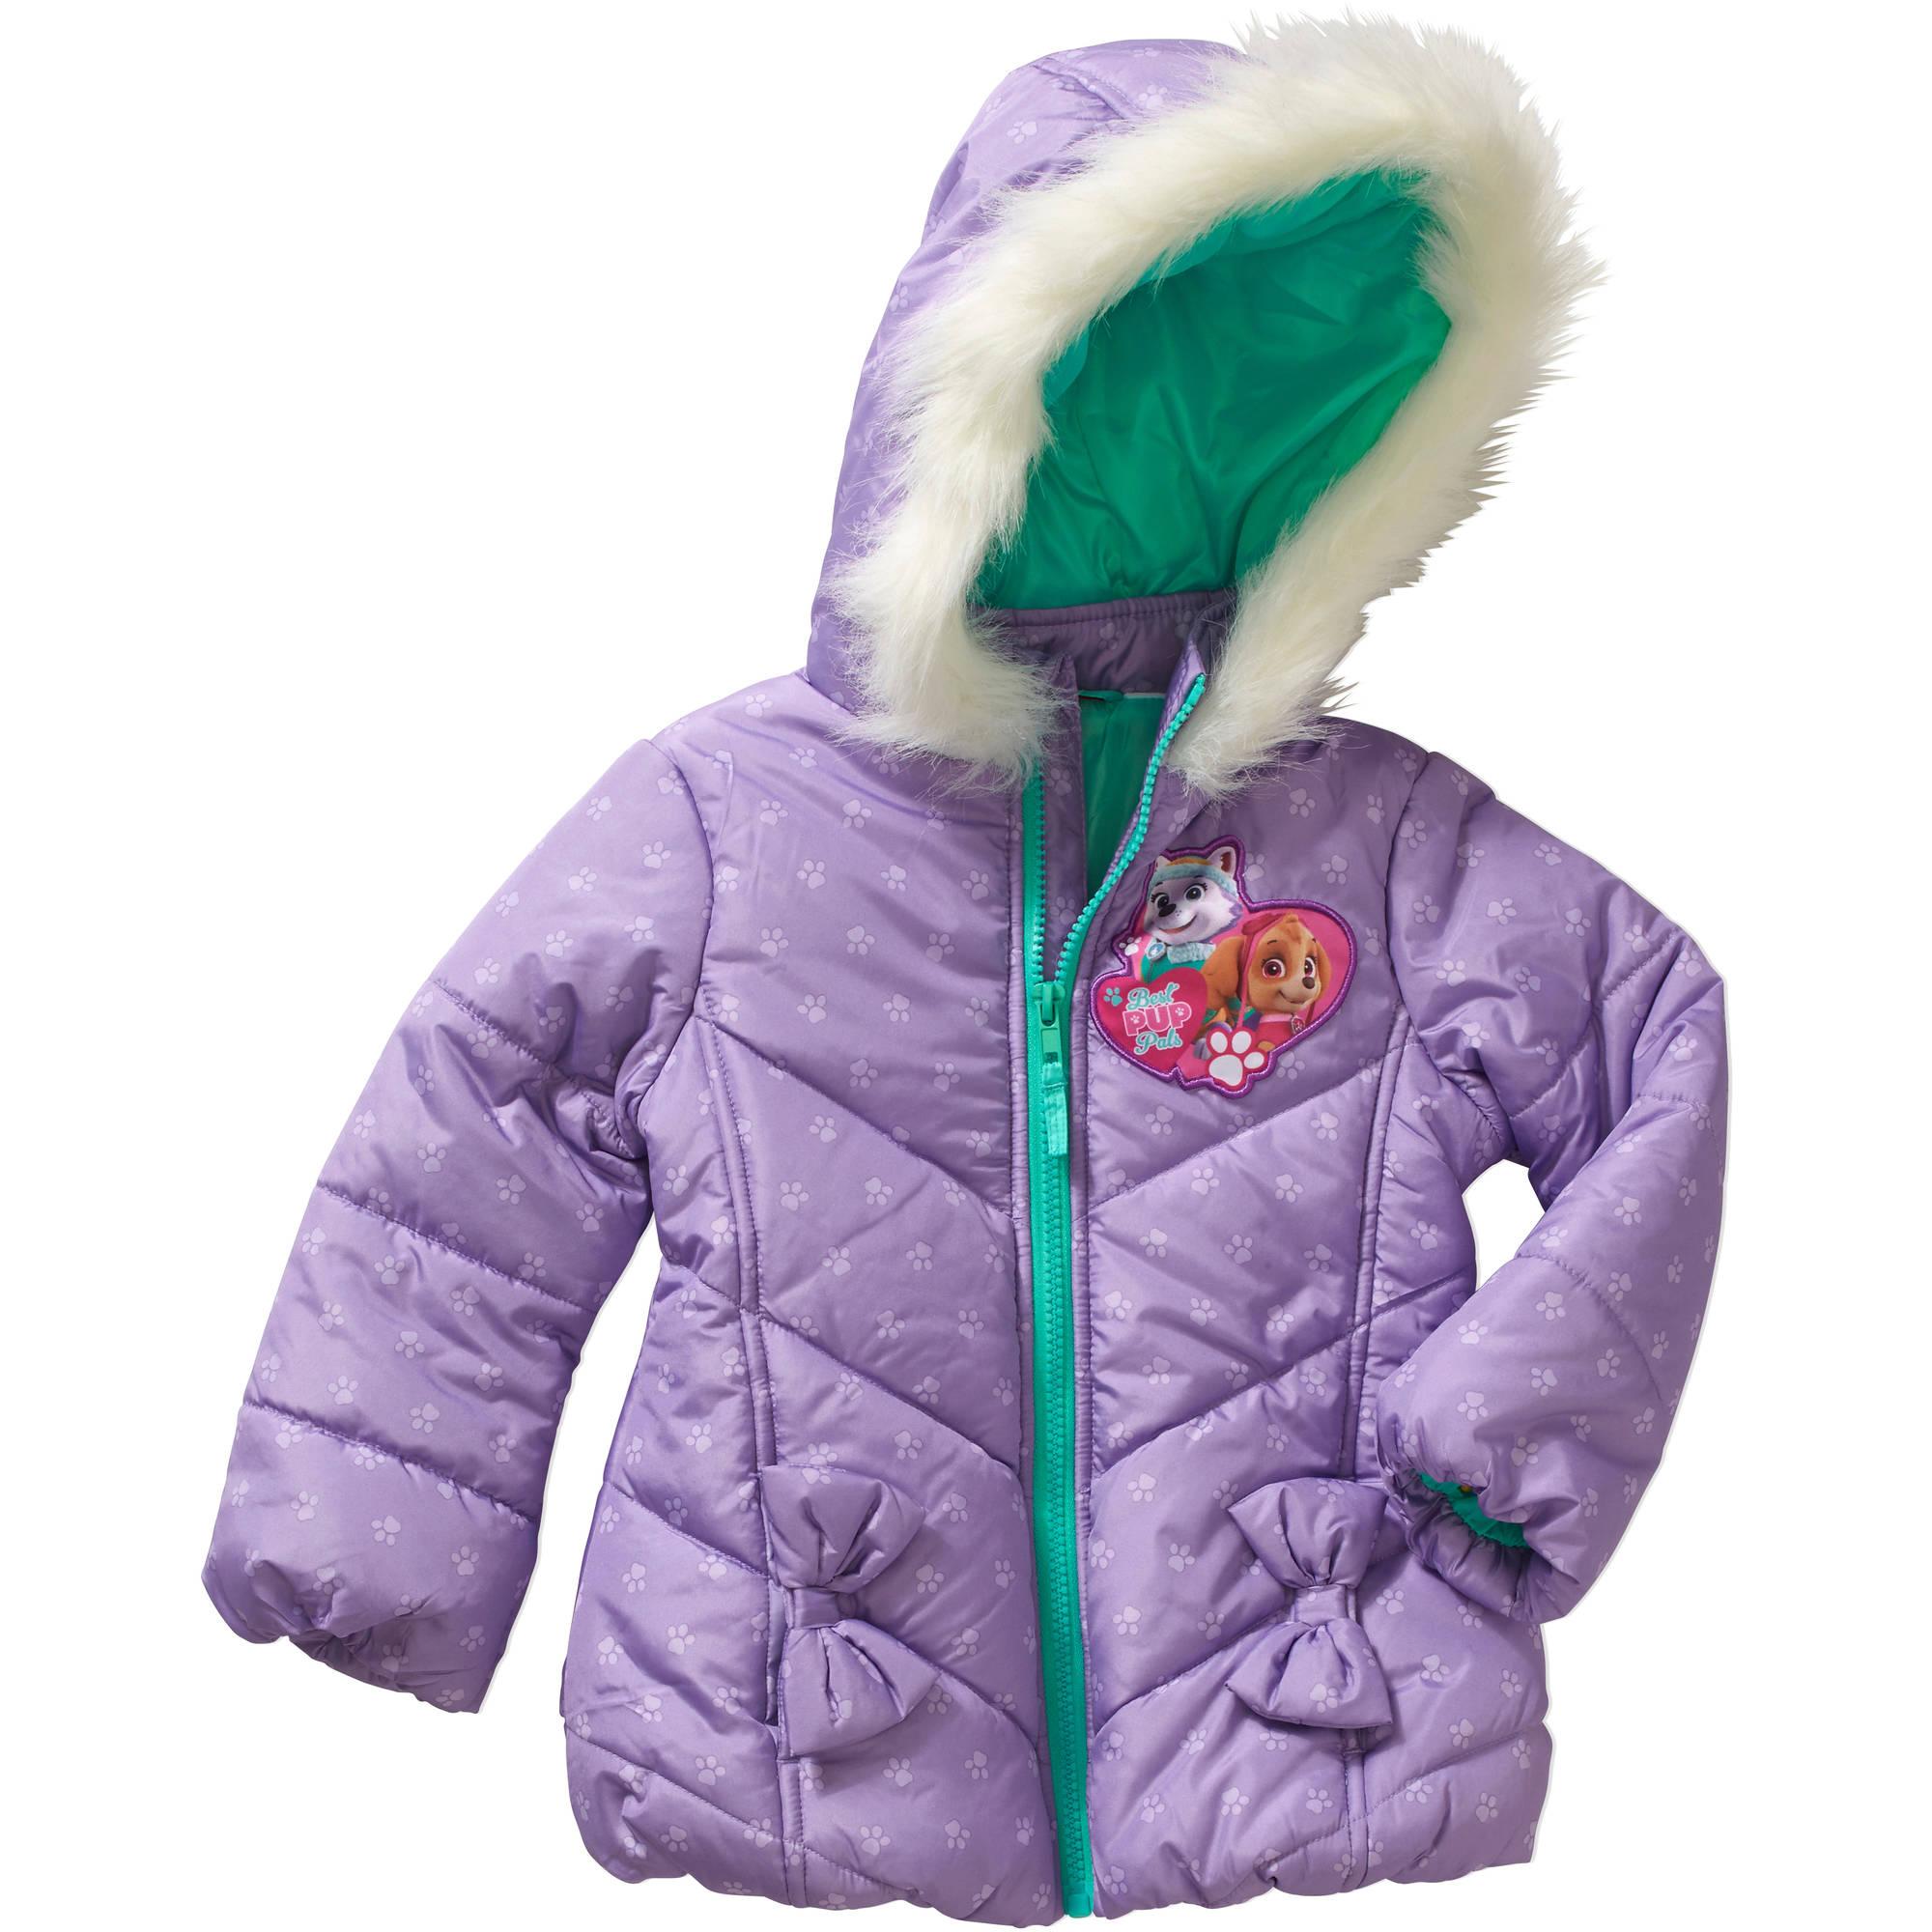 Nickelodeon Paw Patrol Toddler Girls' Faux Fur Puffer Jacket